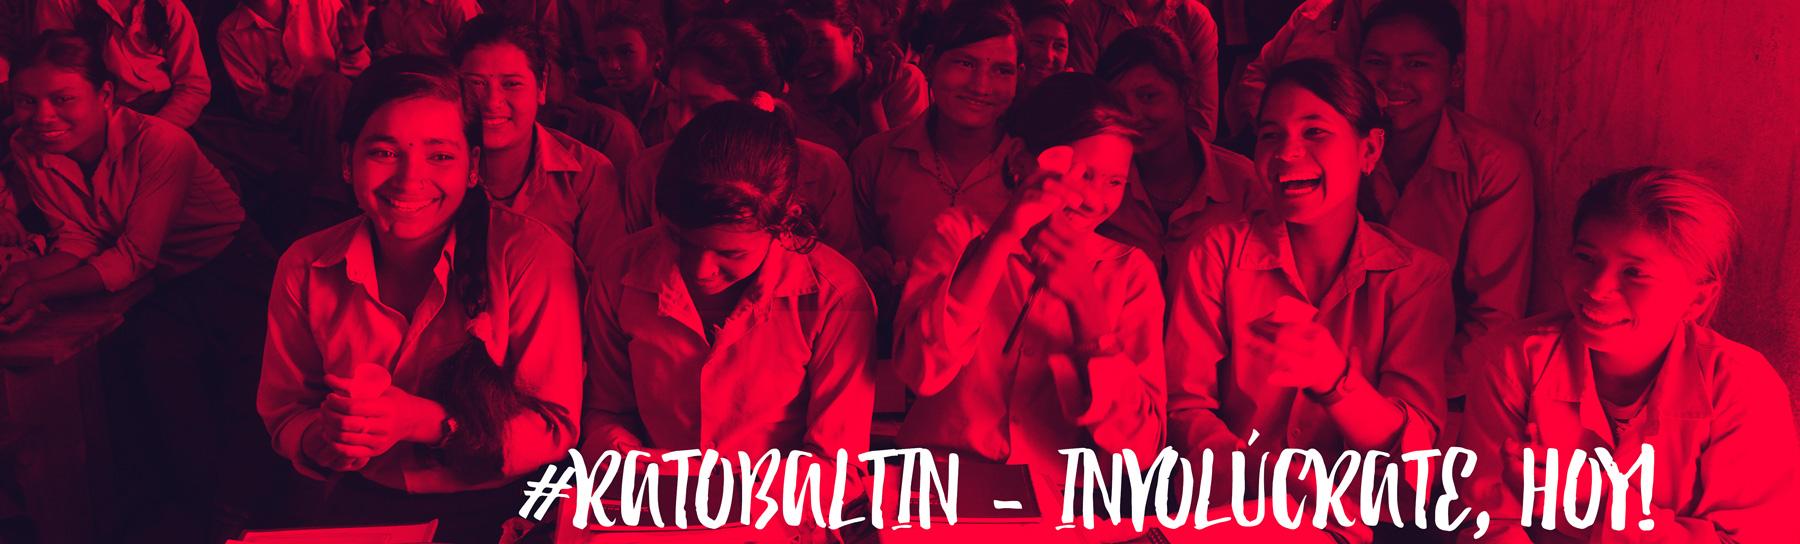 Involúcrate en Rato Baltin